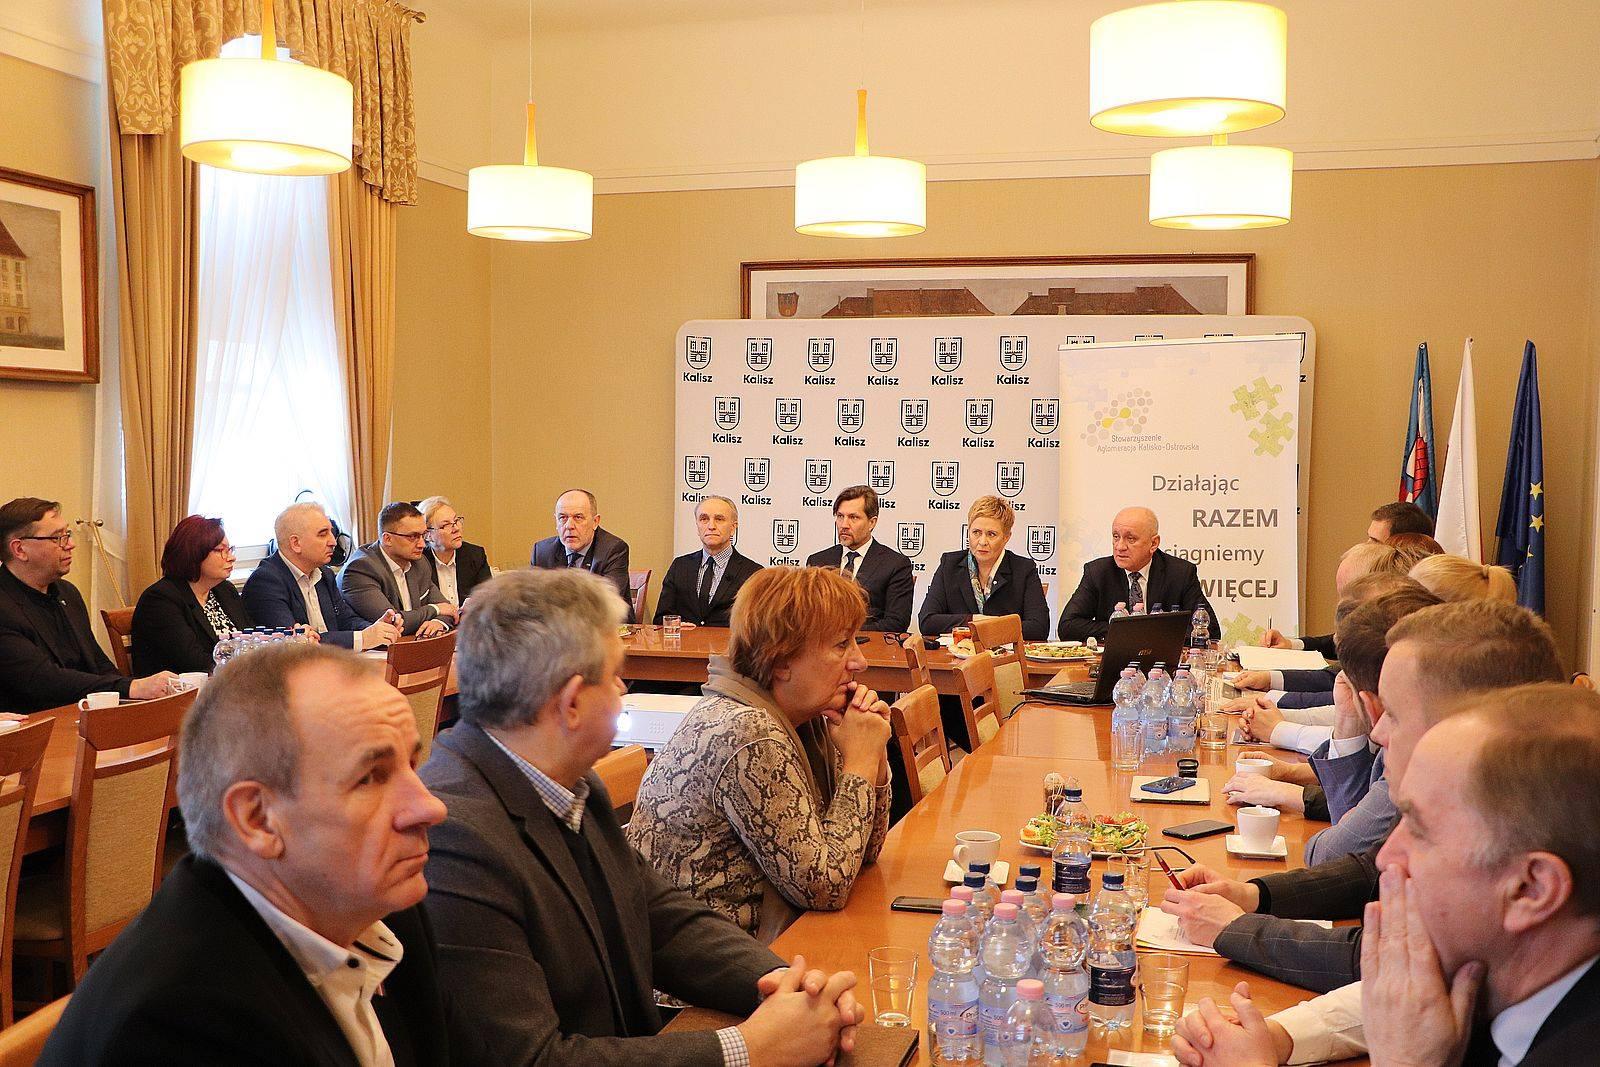 82732554 1474947236003929 2582168509115006976 o - Rada Aglomeracji Kalisko-Ostrowskiej popiera Kalisz w dążeniach do budowy obwodnicy miasta